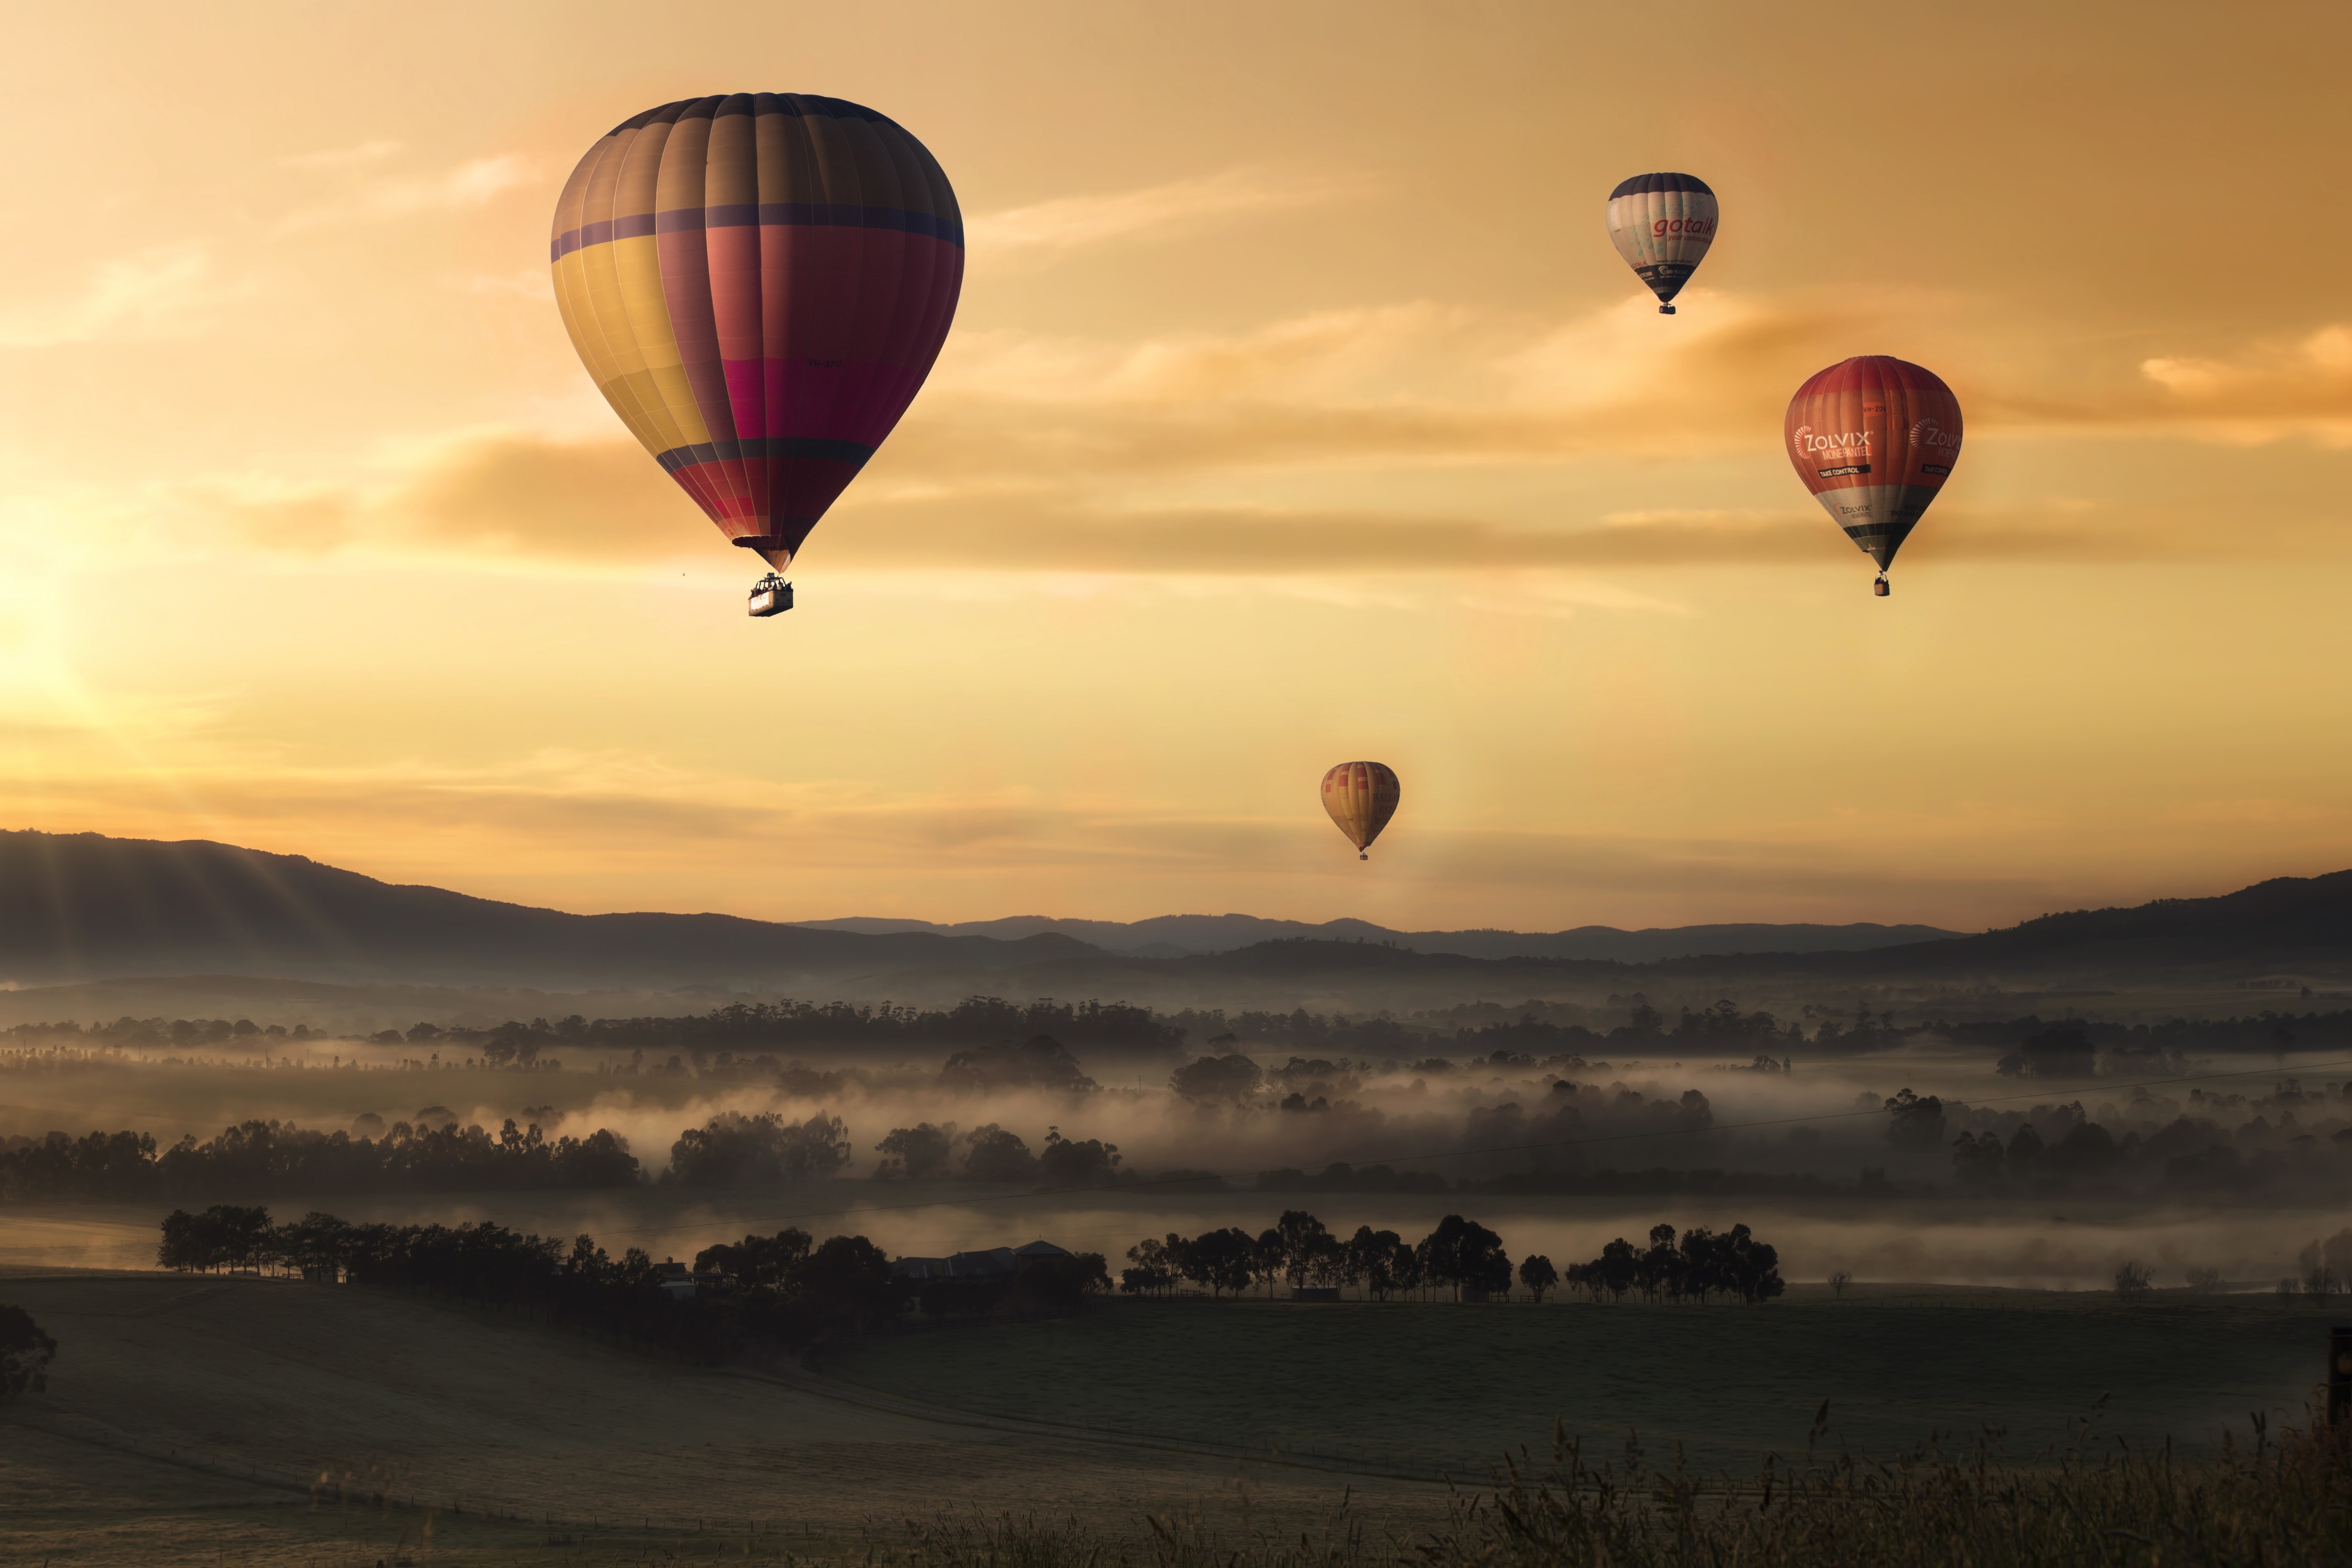 Hot Air Balloon, Adventure, Balloons, Dawn, Dusk, HQ Photo